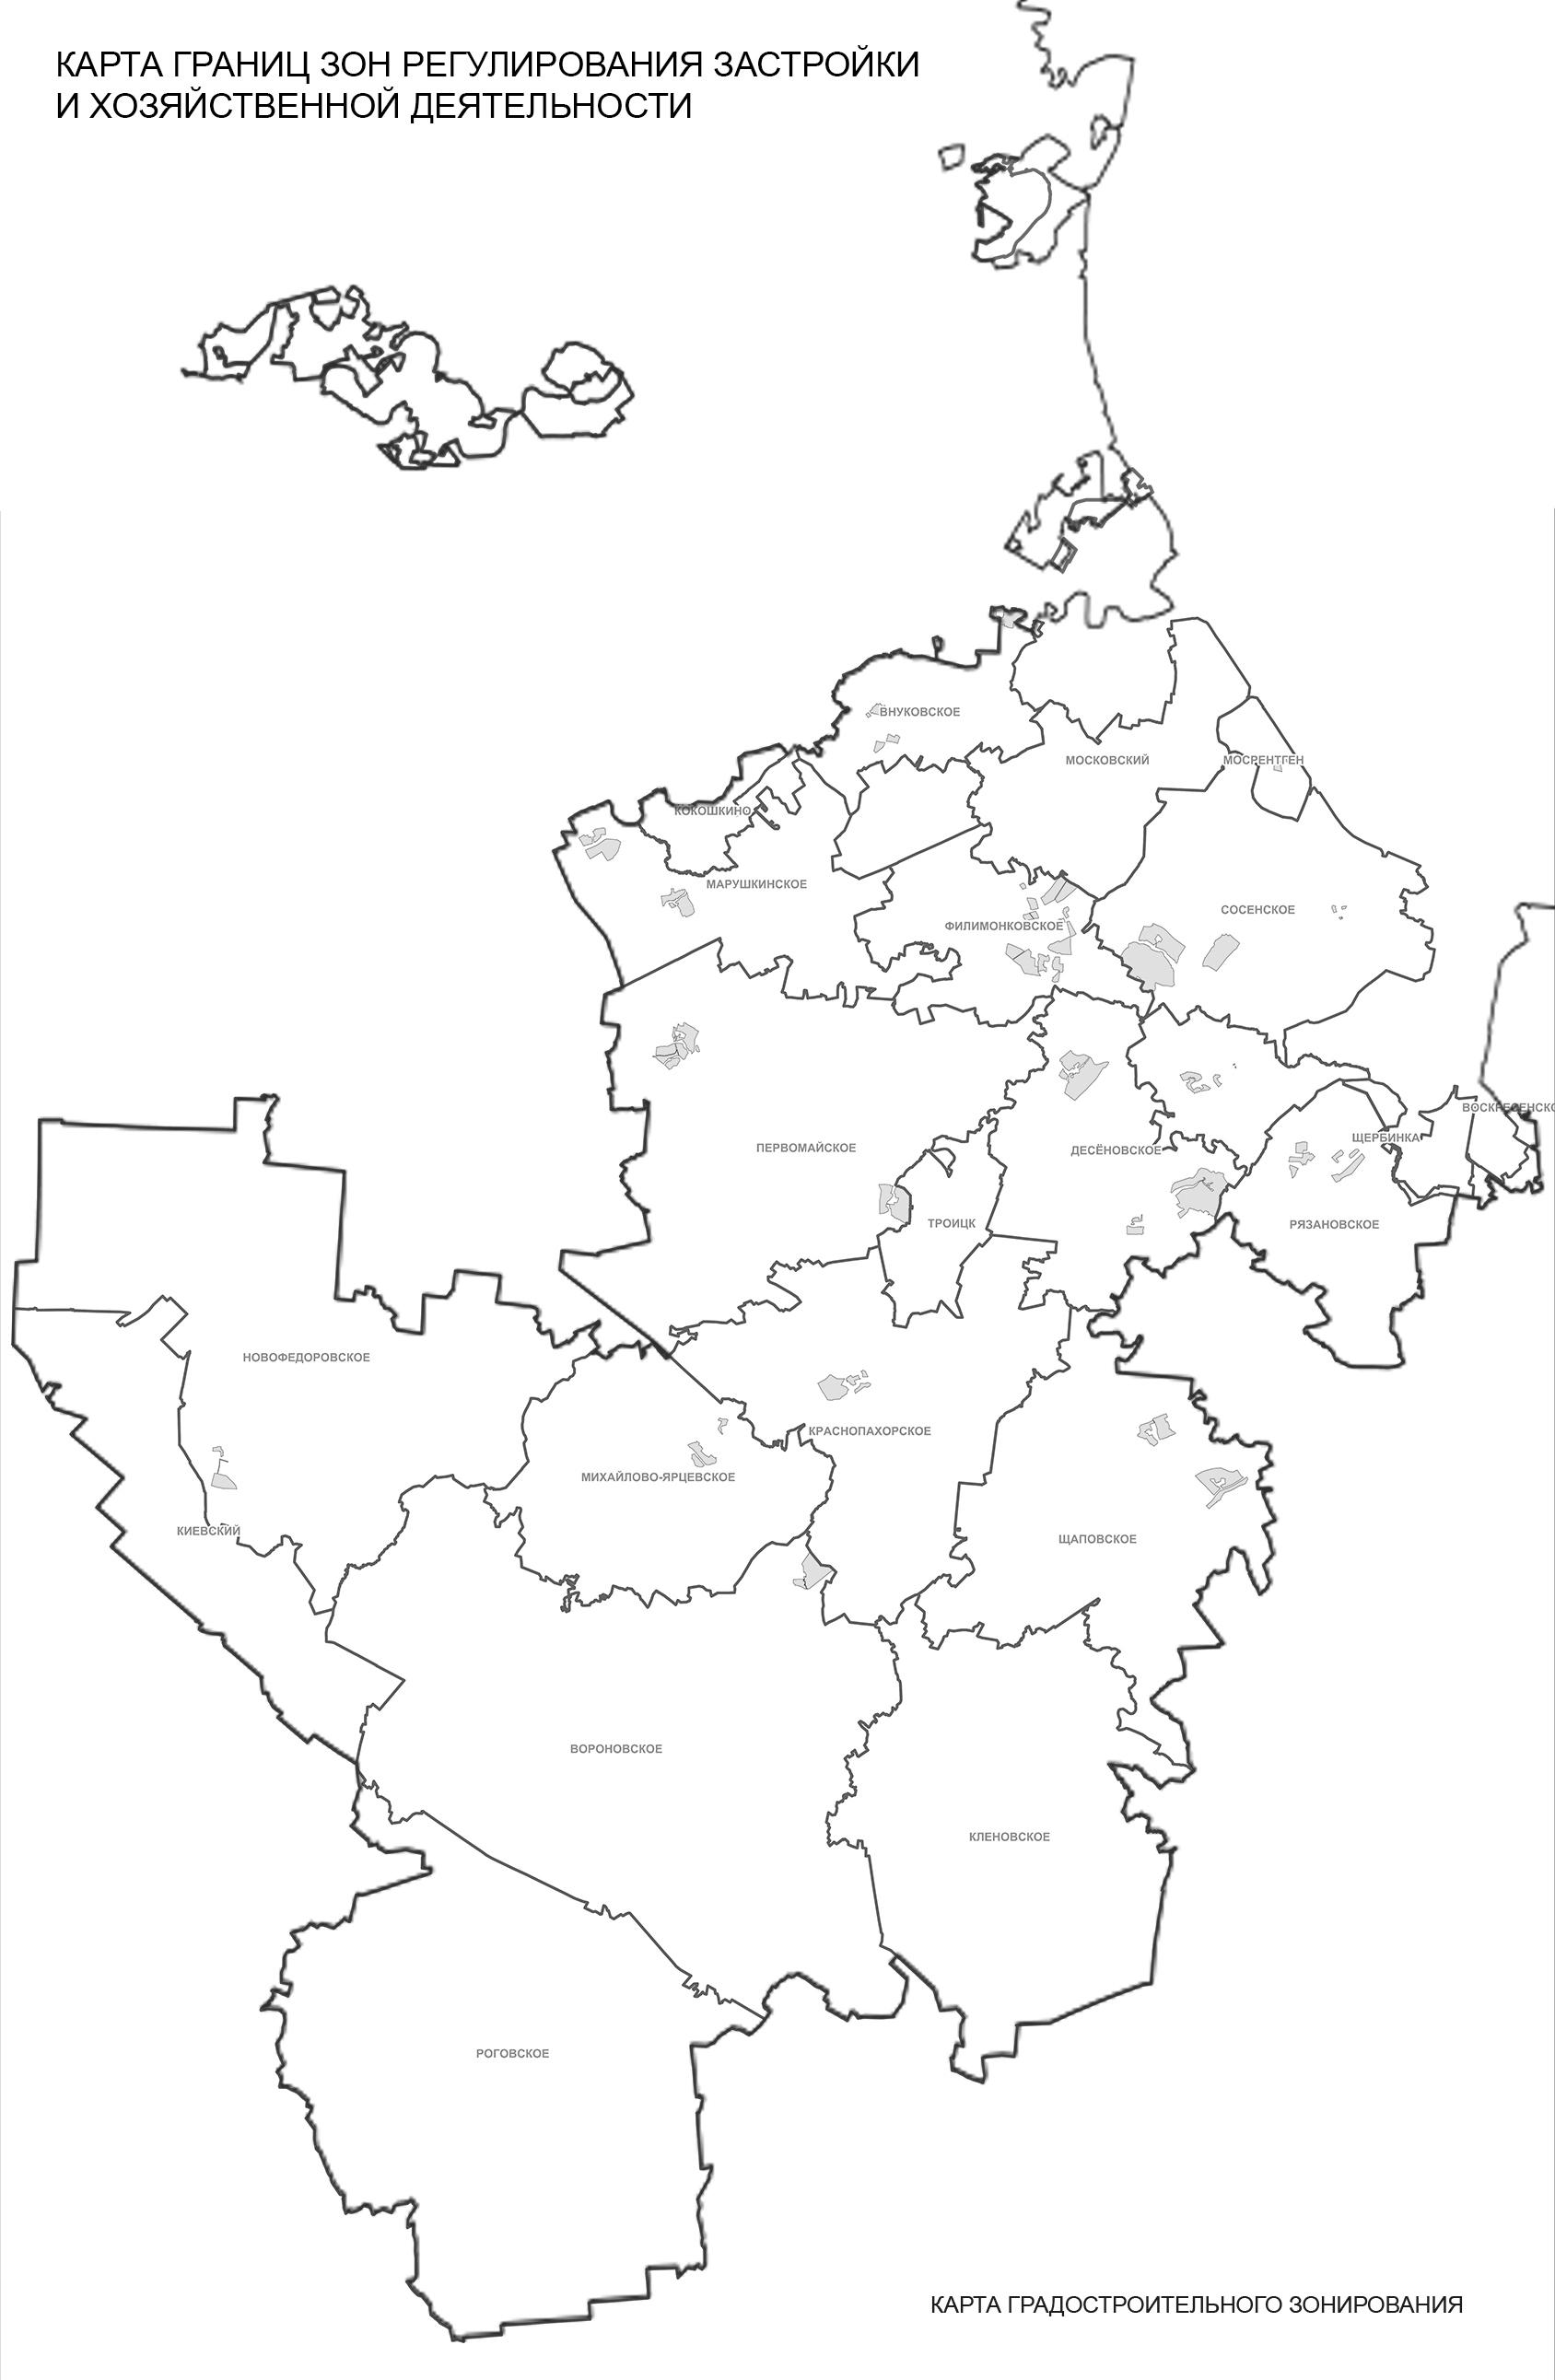 karta_granic_zon_regulirovaniya_zastrojki_i_hozyajstvennoj_deyatel_nosti